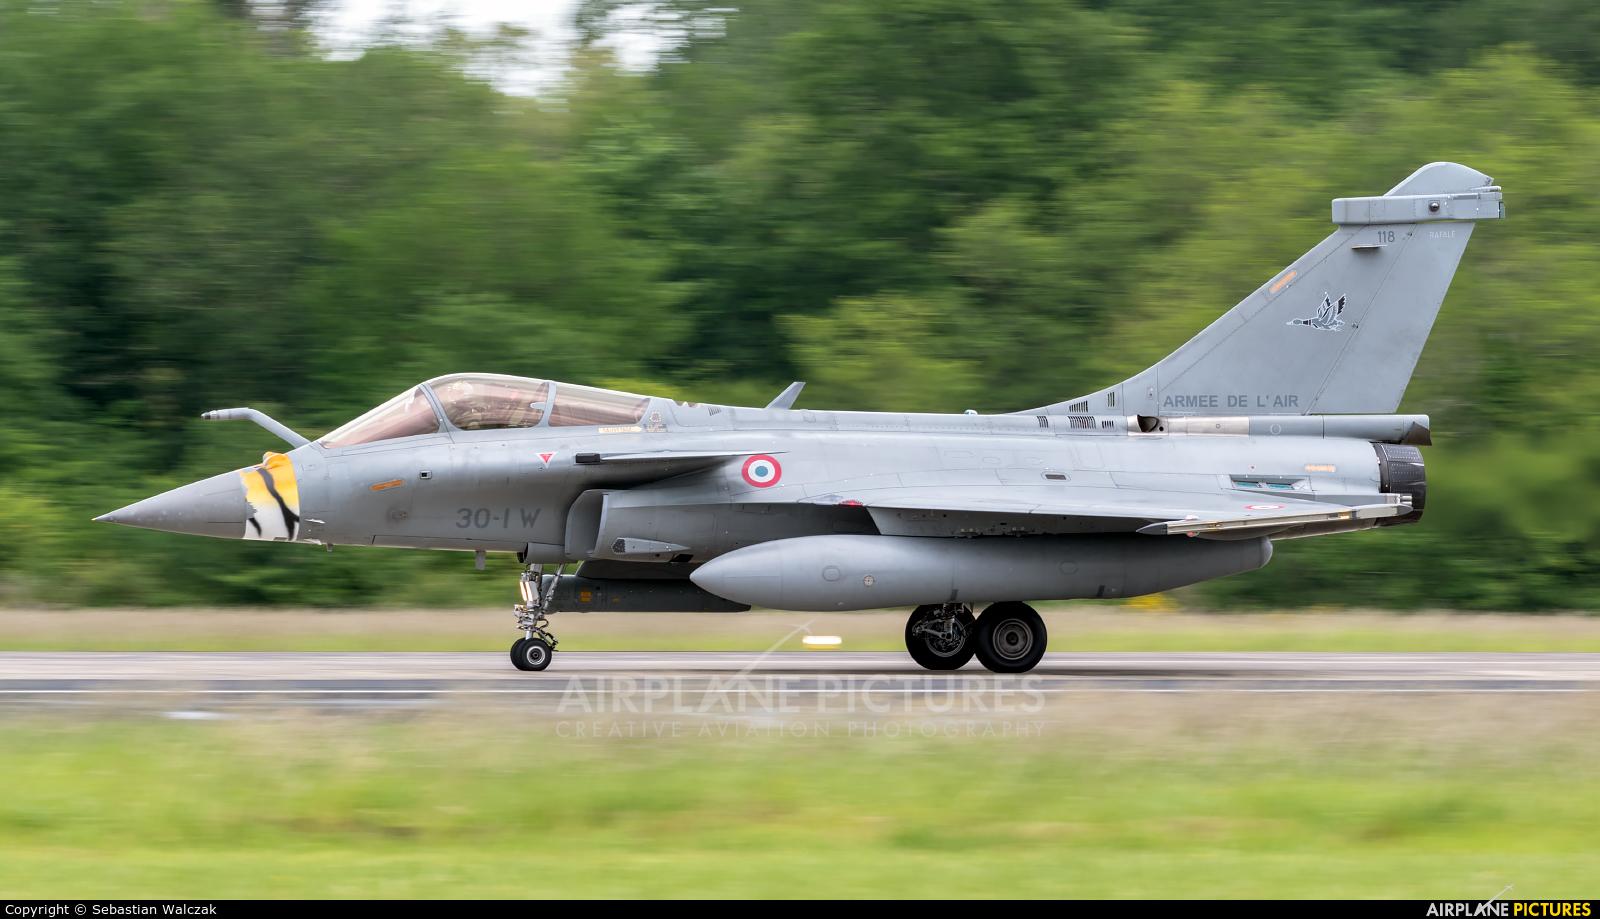 France - Air Force 118 aircraft at Mont de Marsan